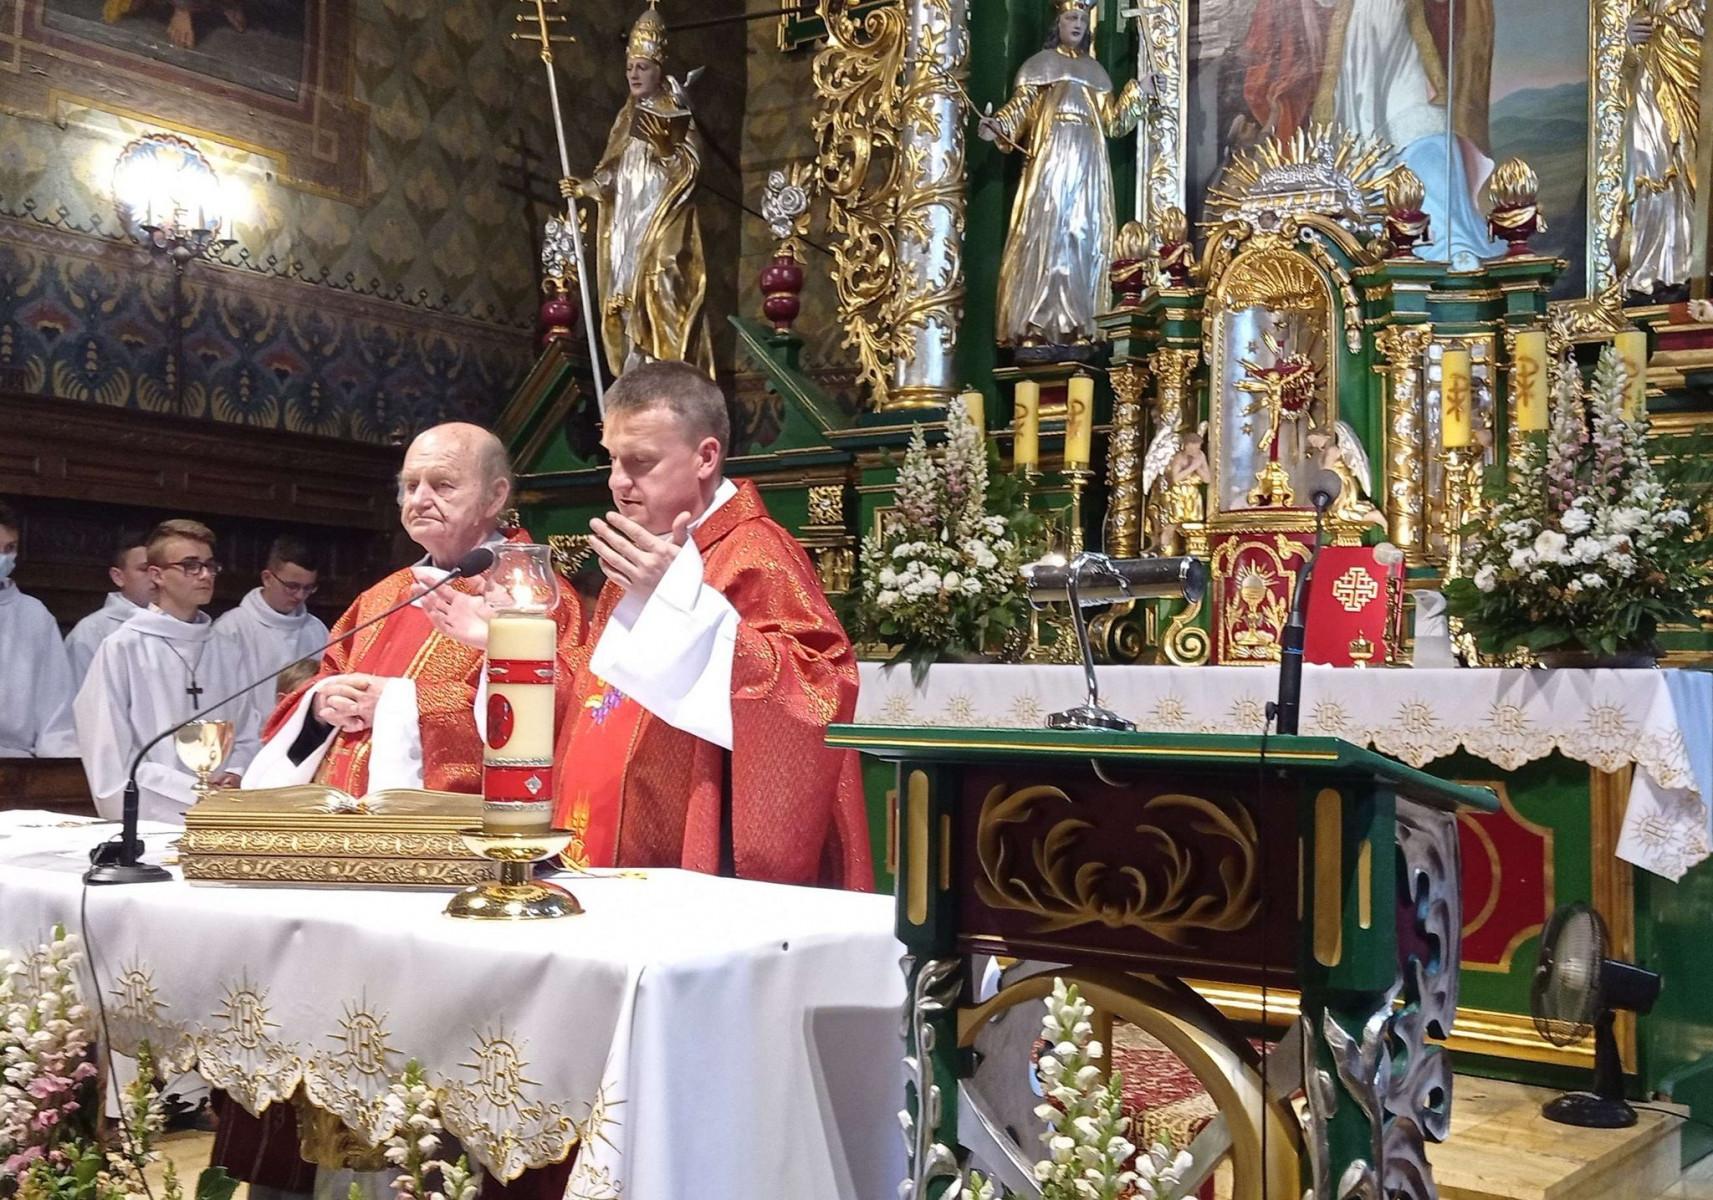 2021.06.29-Jubileusz-15-lecia-sakramentu-Swiecen-kaplanskich-i-imieniny-ks.-Piotra-Pietruszki_2